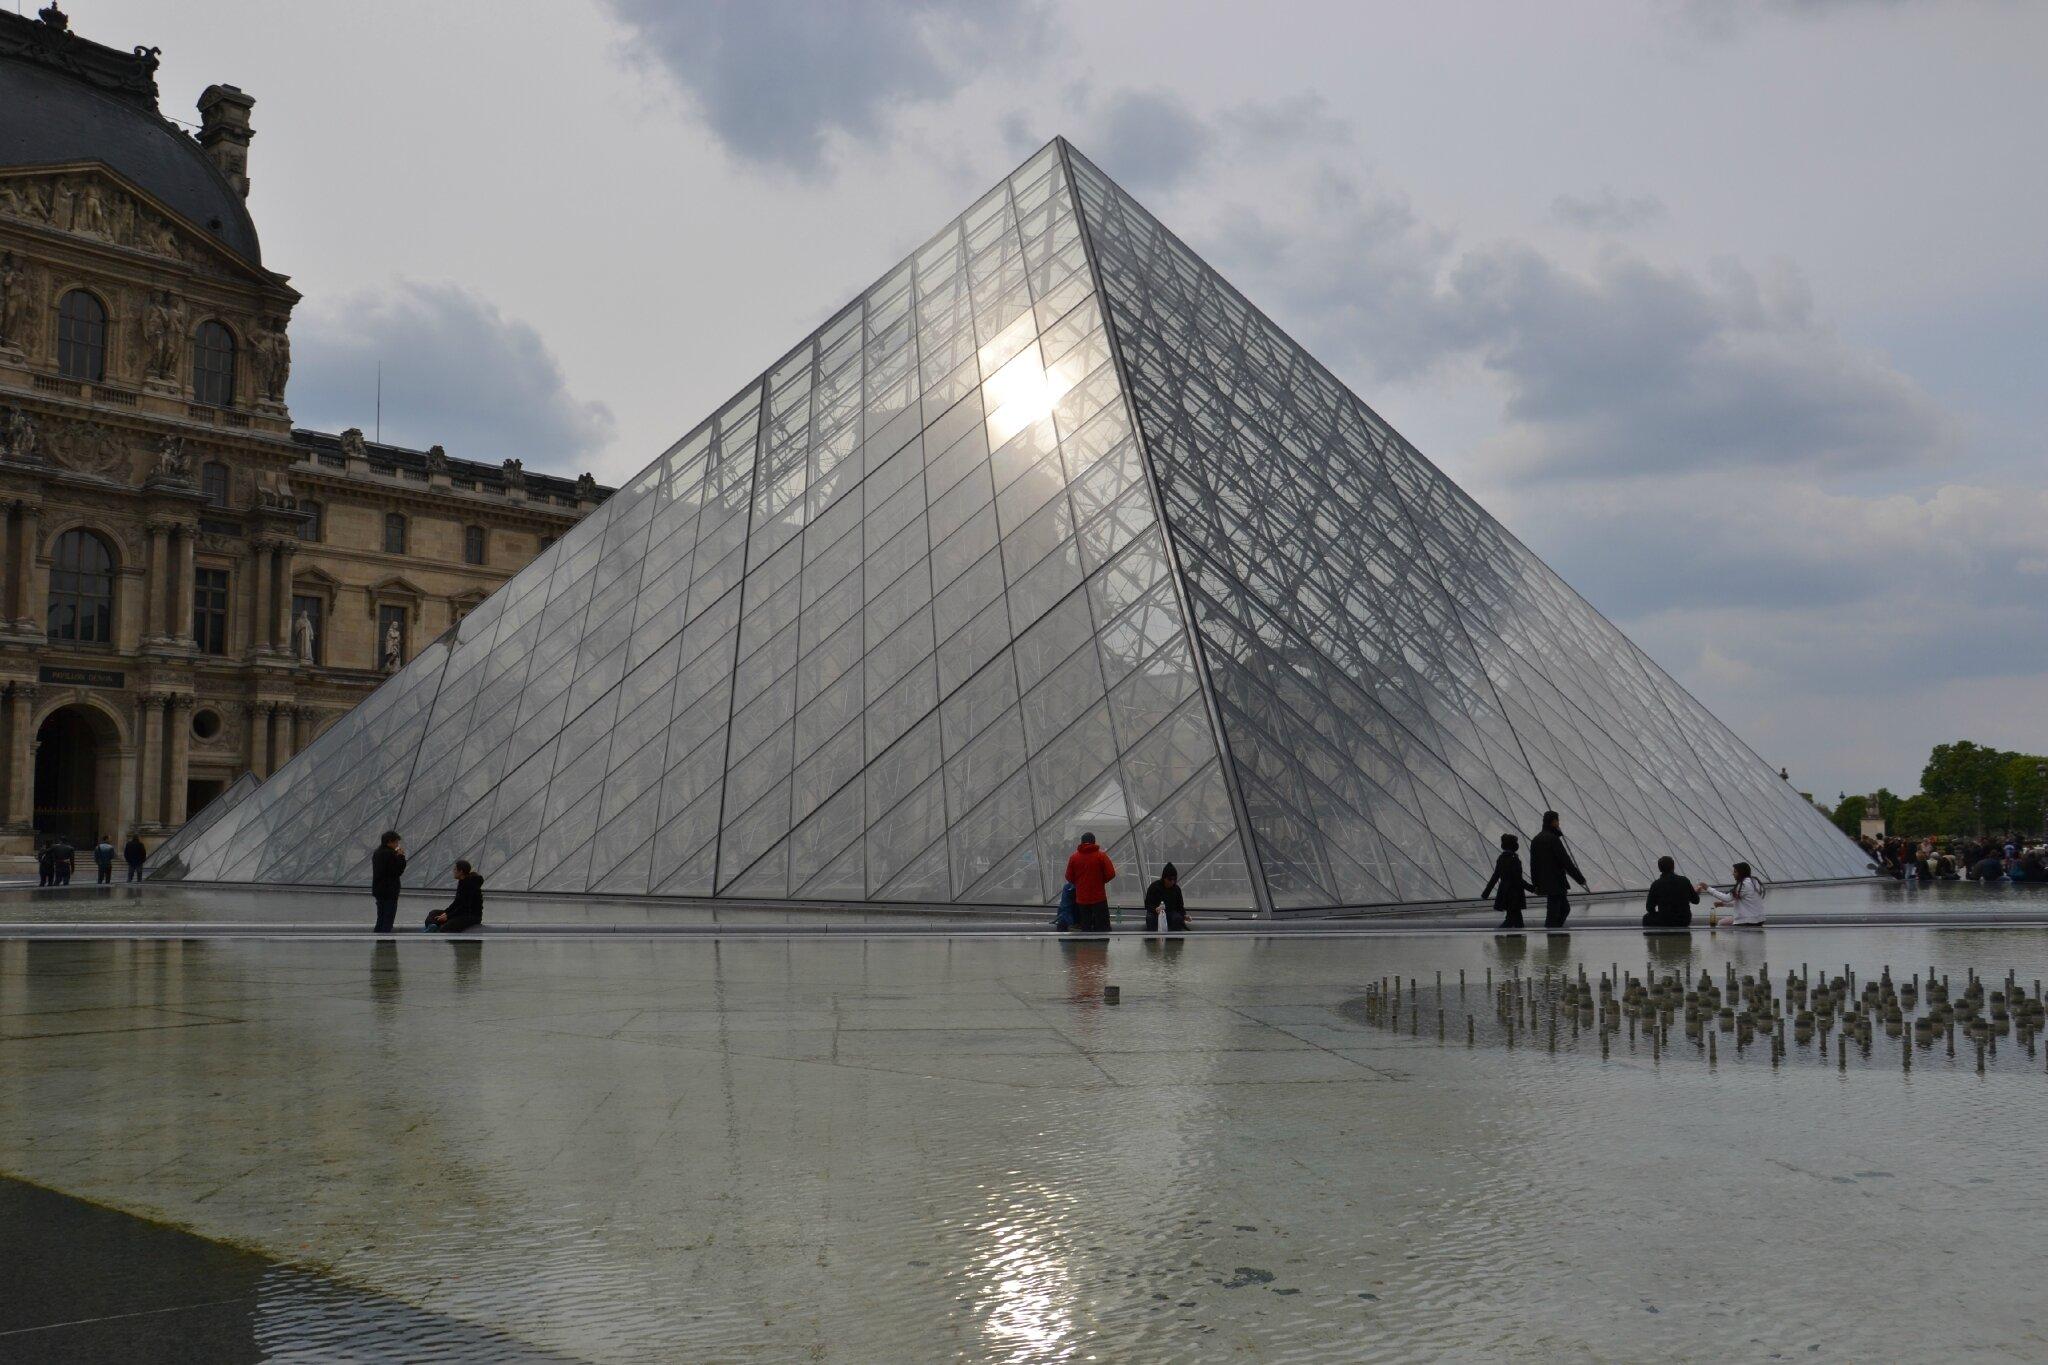 De la pyramide du louvre aux tuileries food coaching - Qui a construit la pyramide du louvre ...